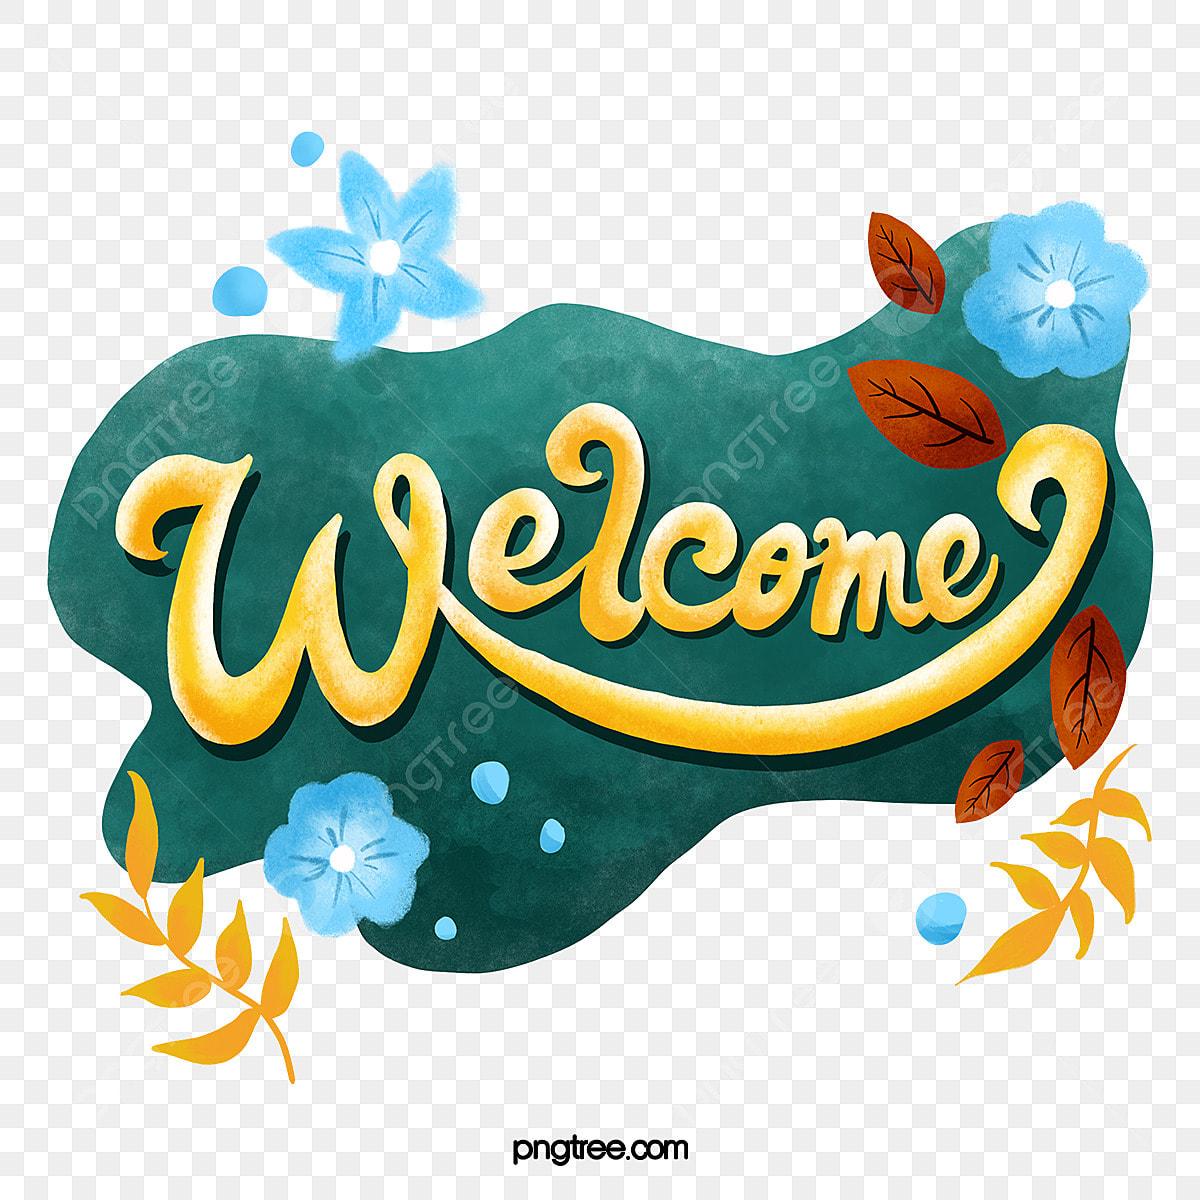 Bienvenue Elements Floraux Dessines A La Main Clipart De Bienvenue Bienvenue Peinte A La Main Fichier Png Et Psd Pour Le Telechargement Libre